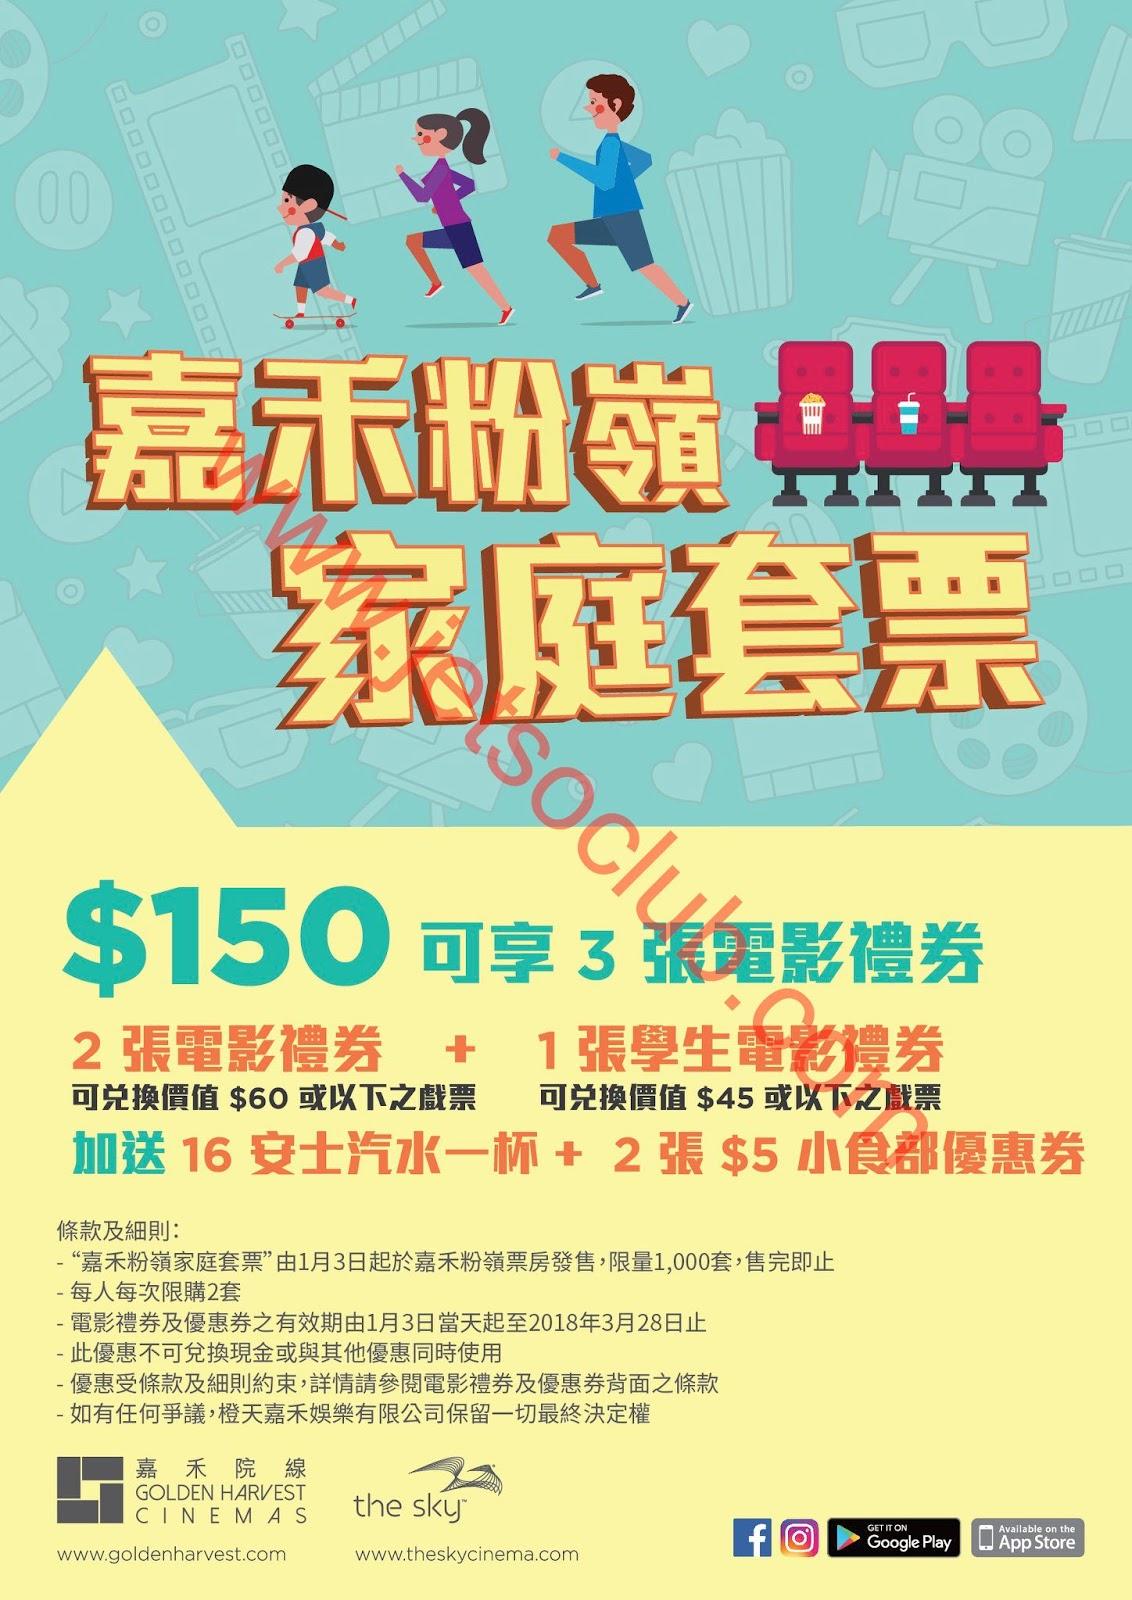 嘉禾粉嶺:家庭套票 3張戲票 $150(3/1-28/3) ( Jetso Club 著數俱樂部 )